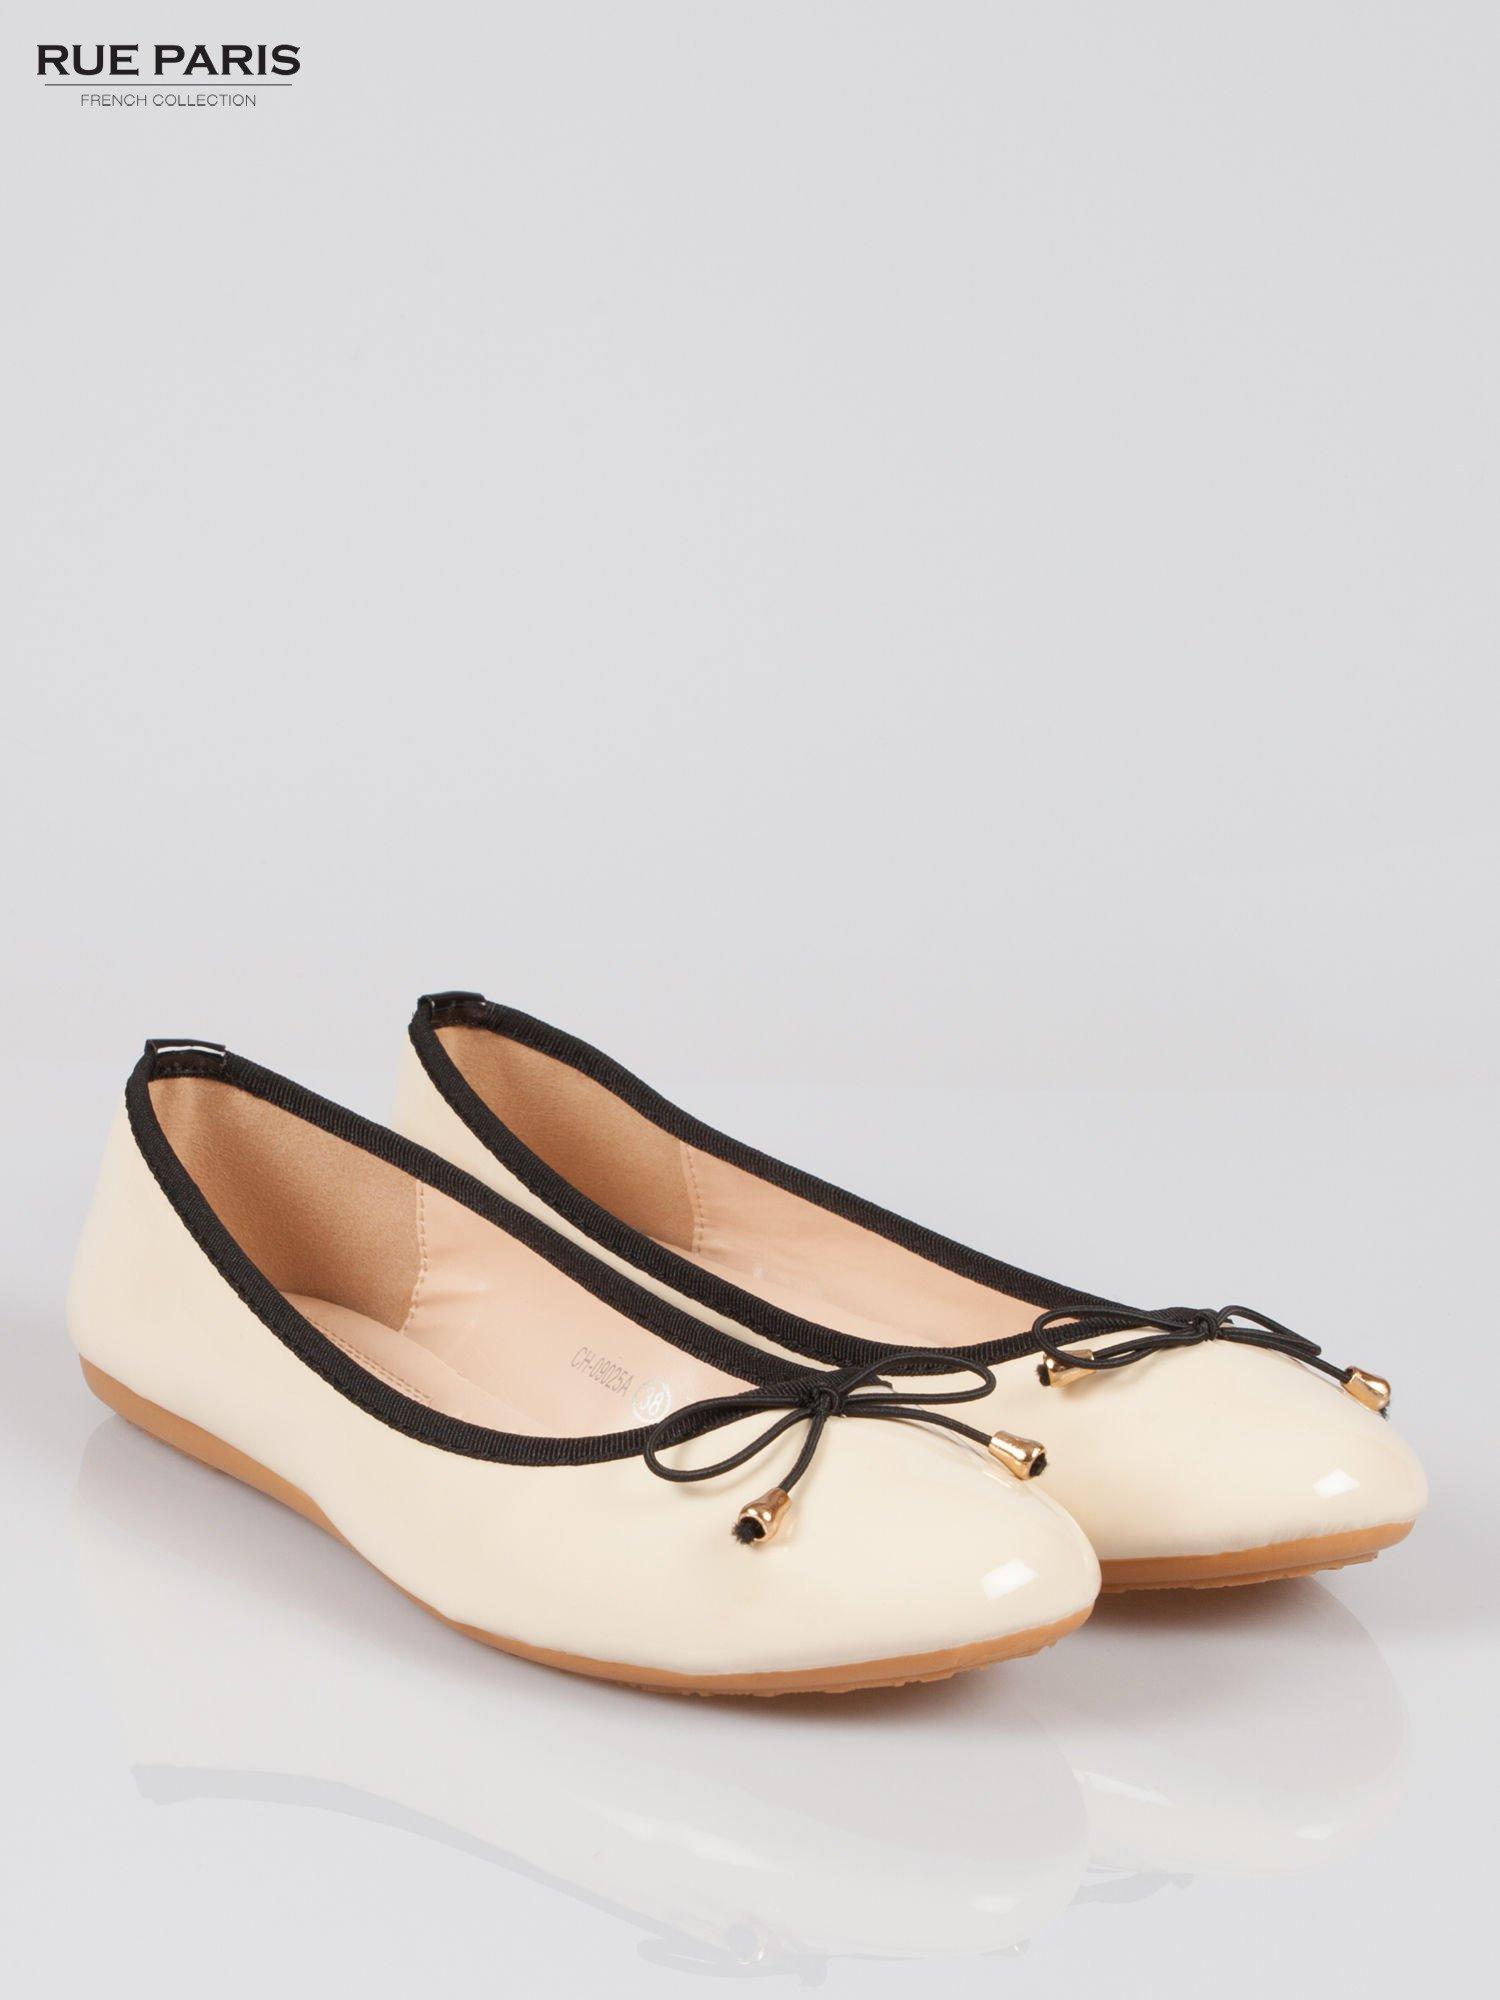 Beżowe baletki faux leather Evy z czarną kokardką i lamówką                                  zdj.                                  2